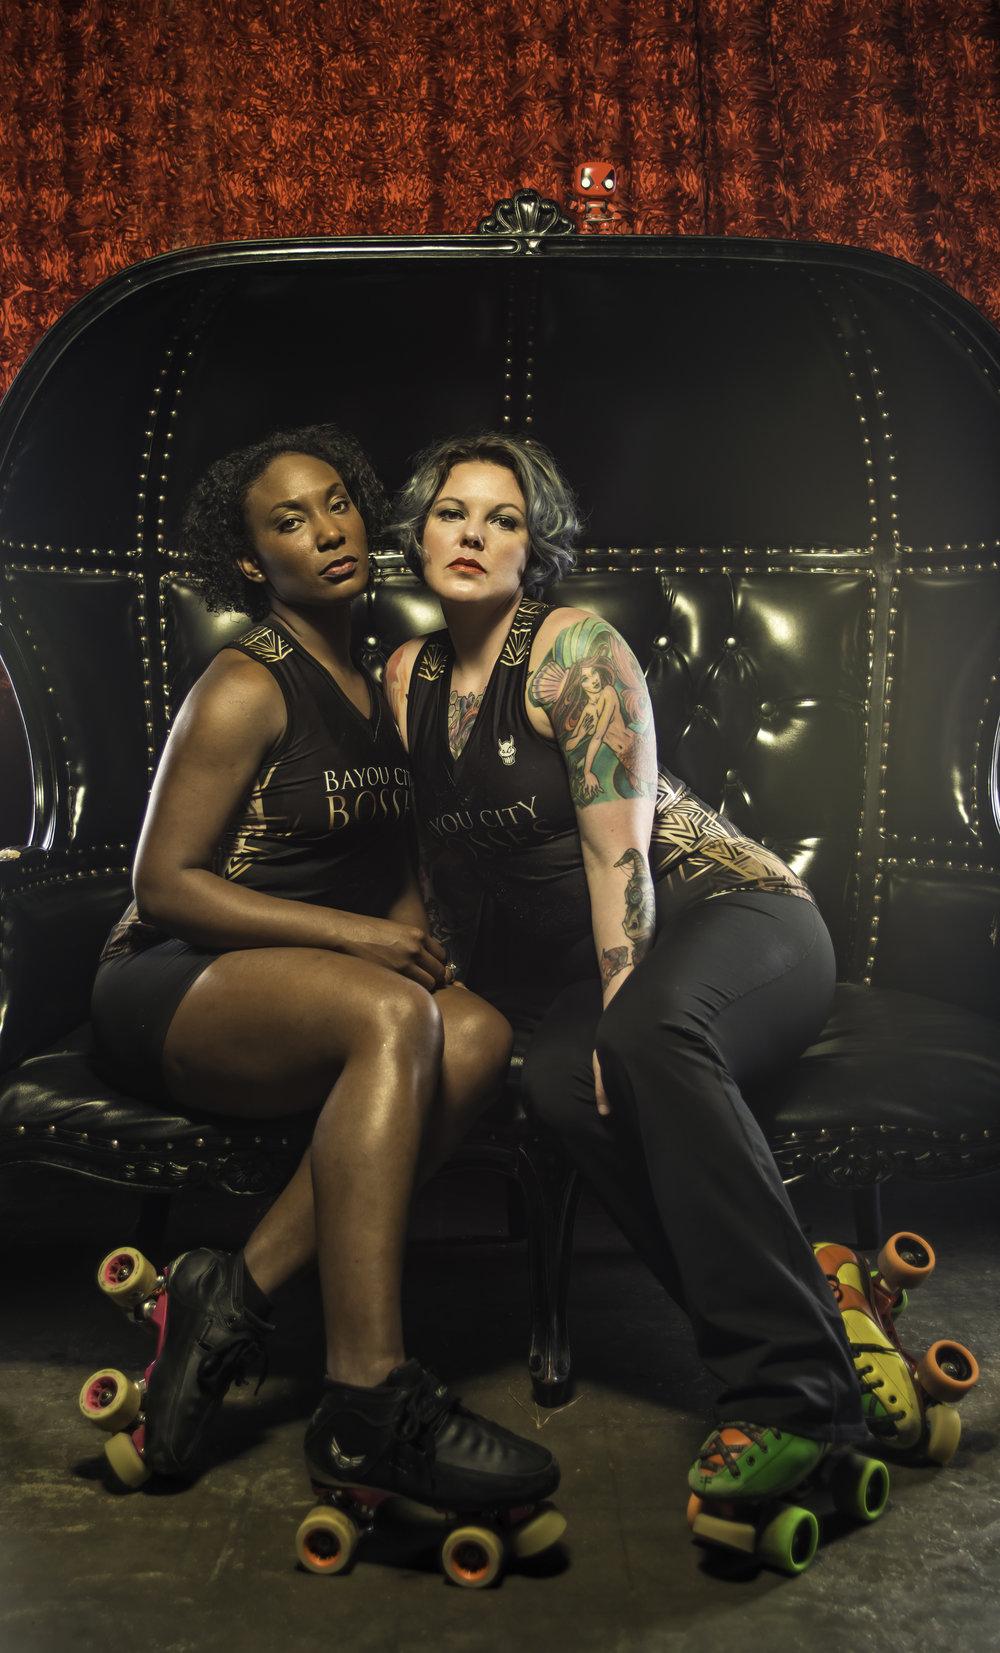 Captains: Fifty Shades of Ray & Dropkick Betty